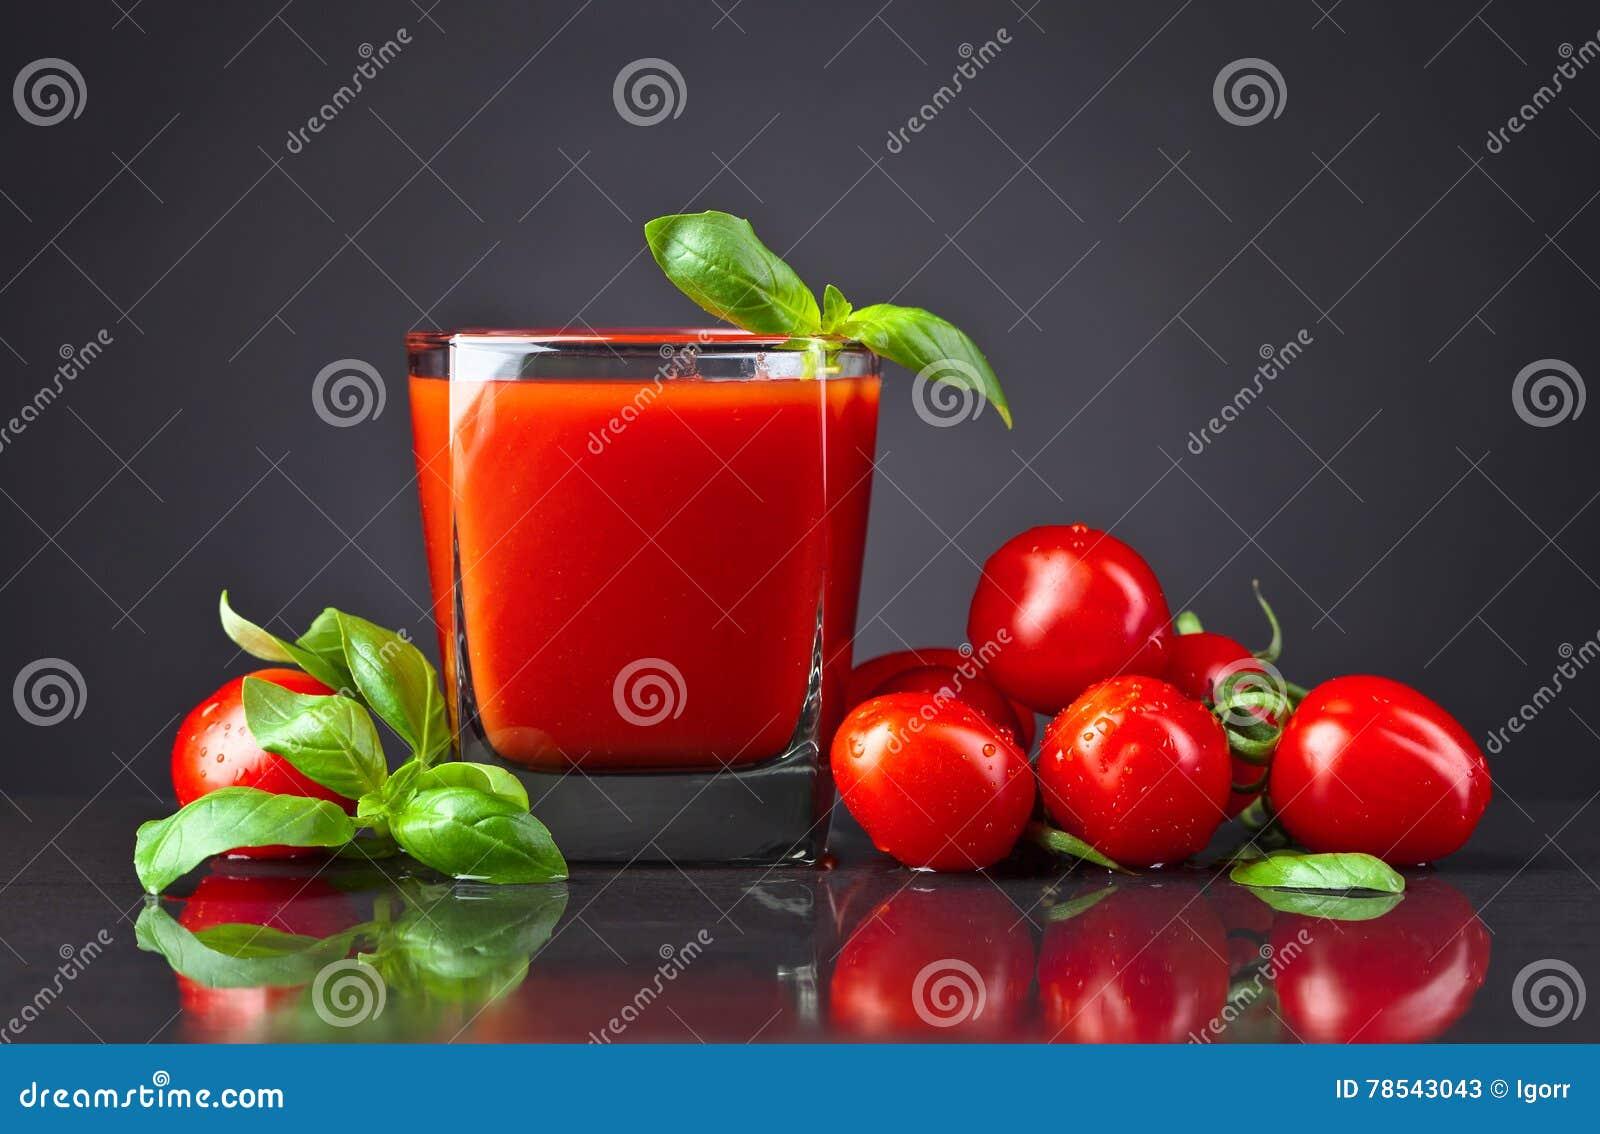 Succo di pomodoro con i pomodori e basilico verde sulla tavola nera